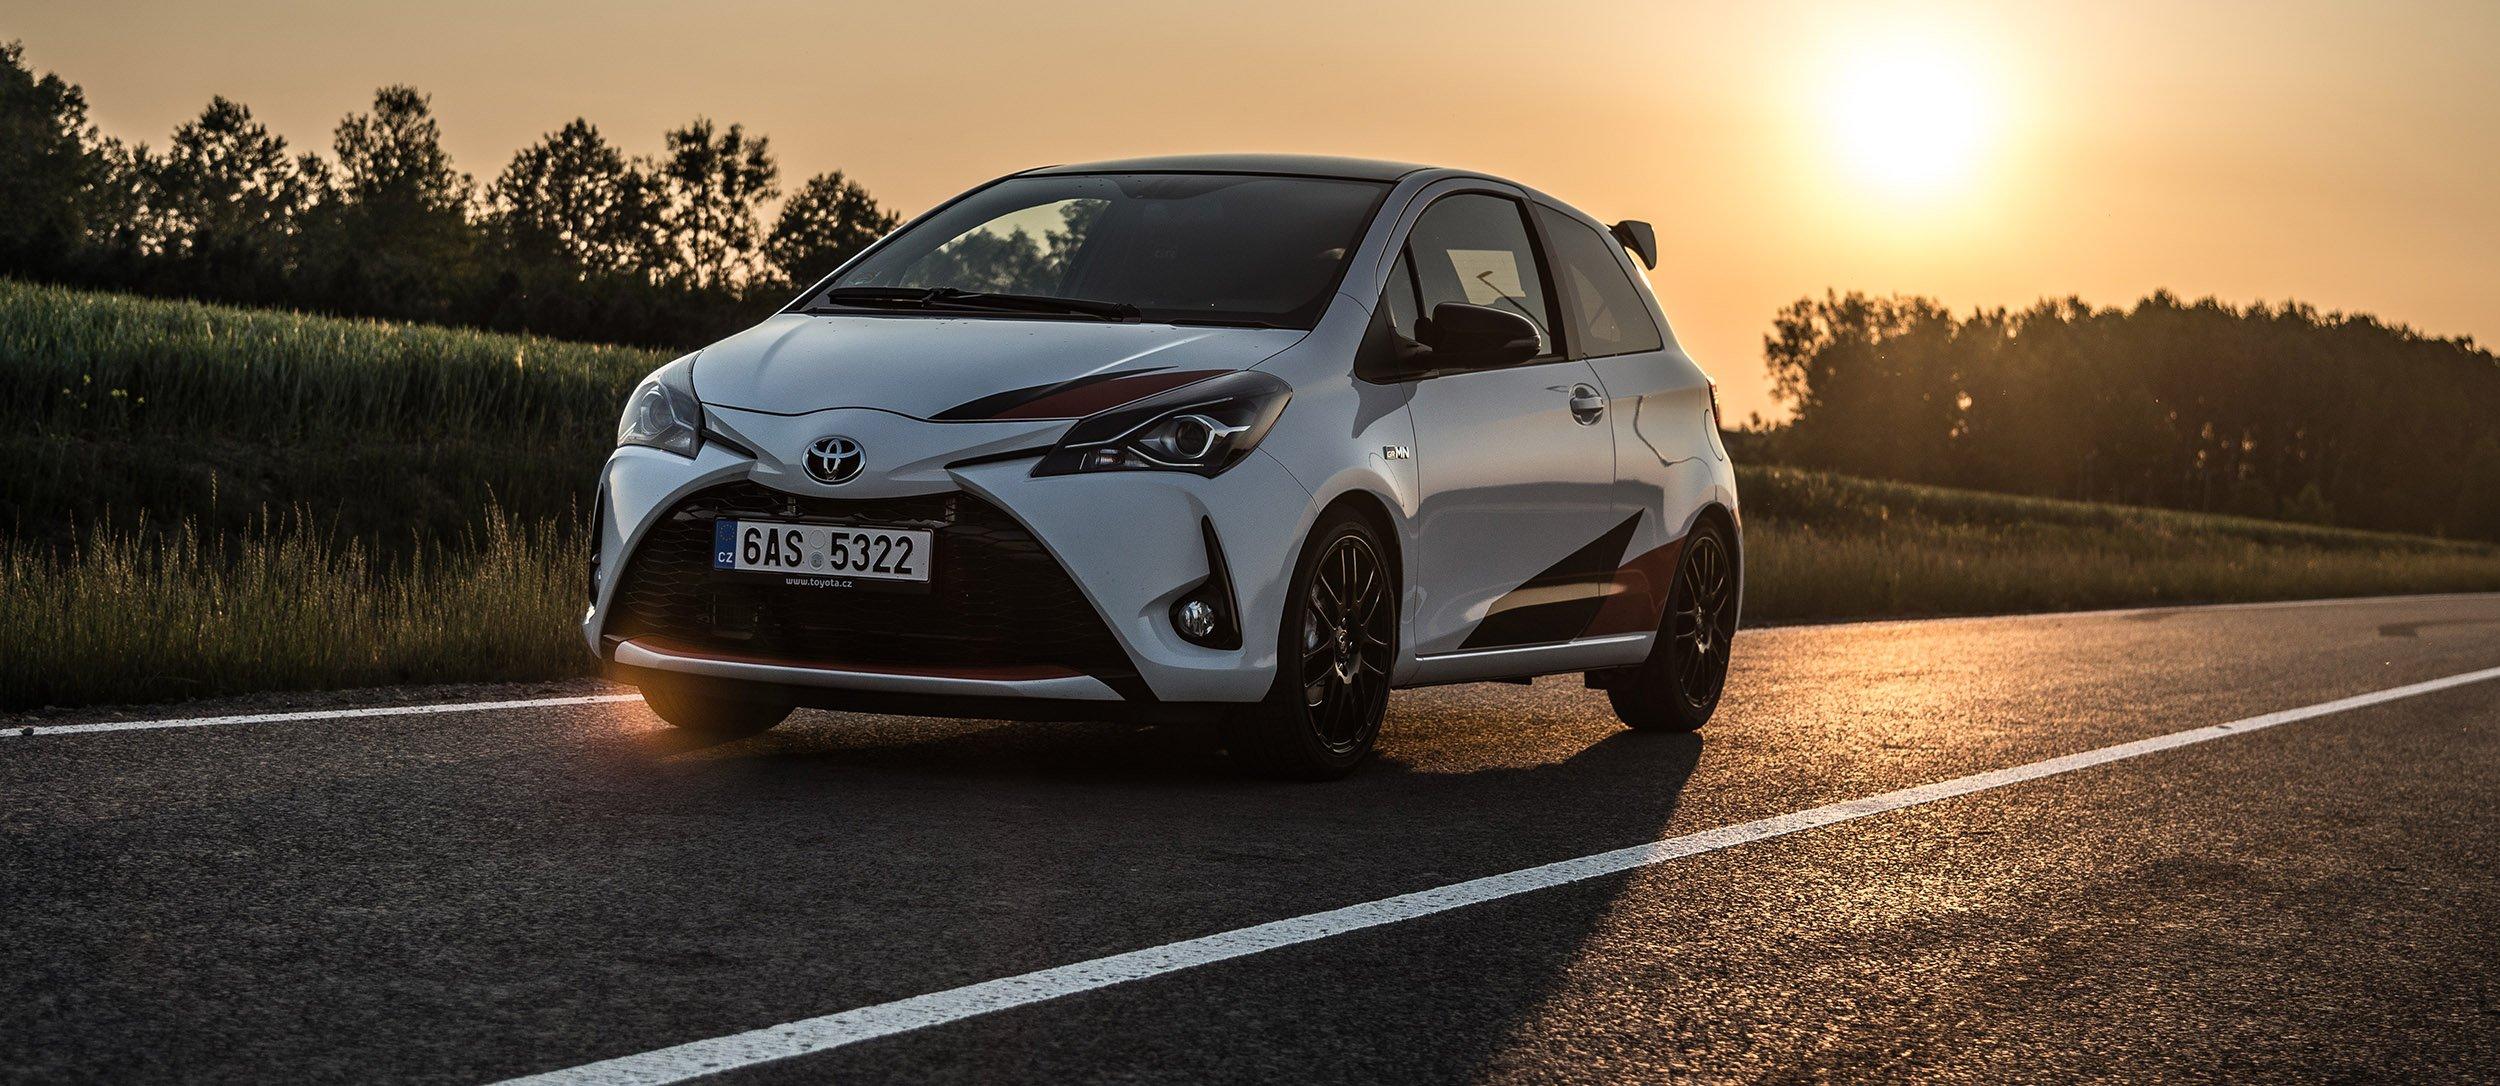 Redakční autotest: Toyota Yaris GRMN